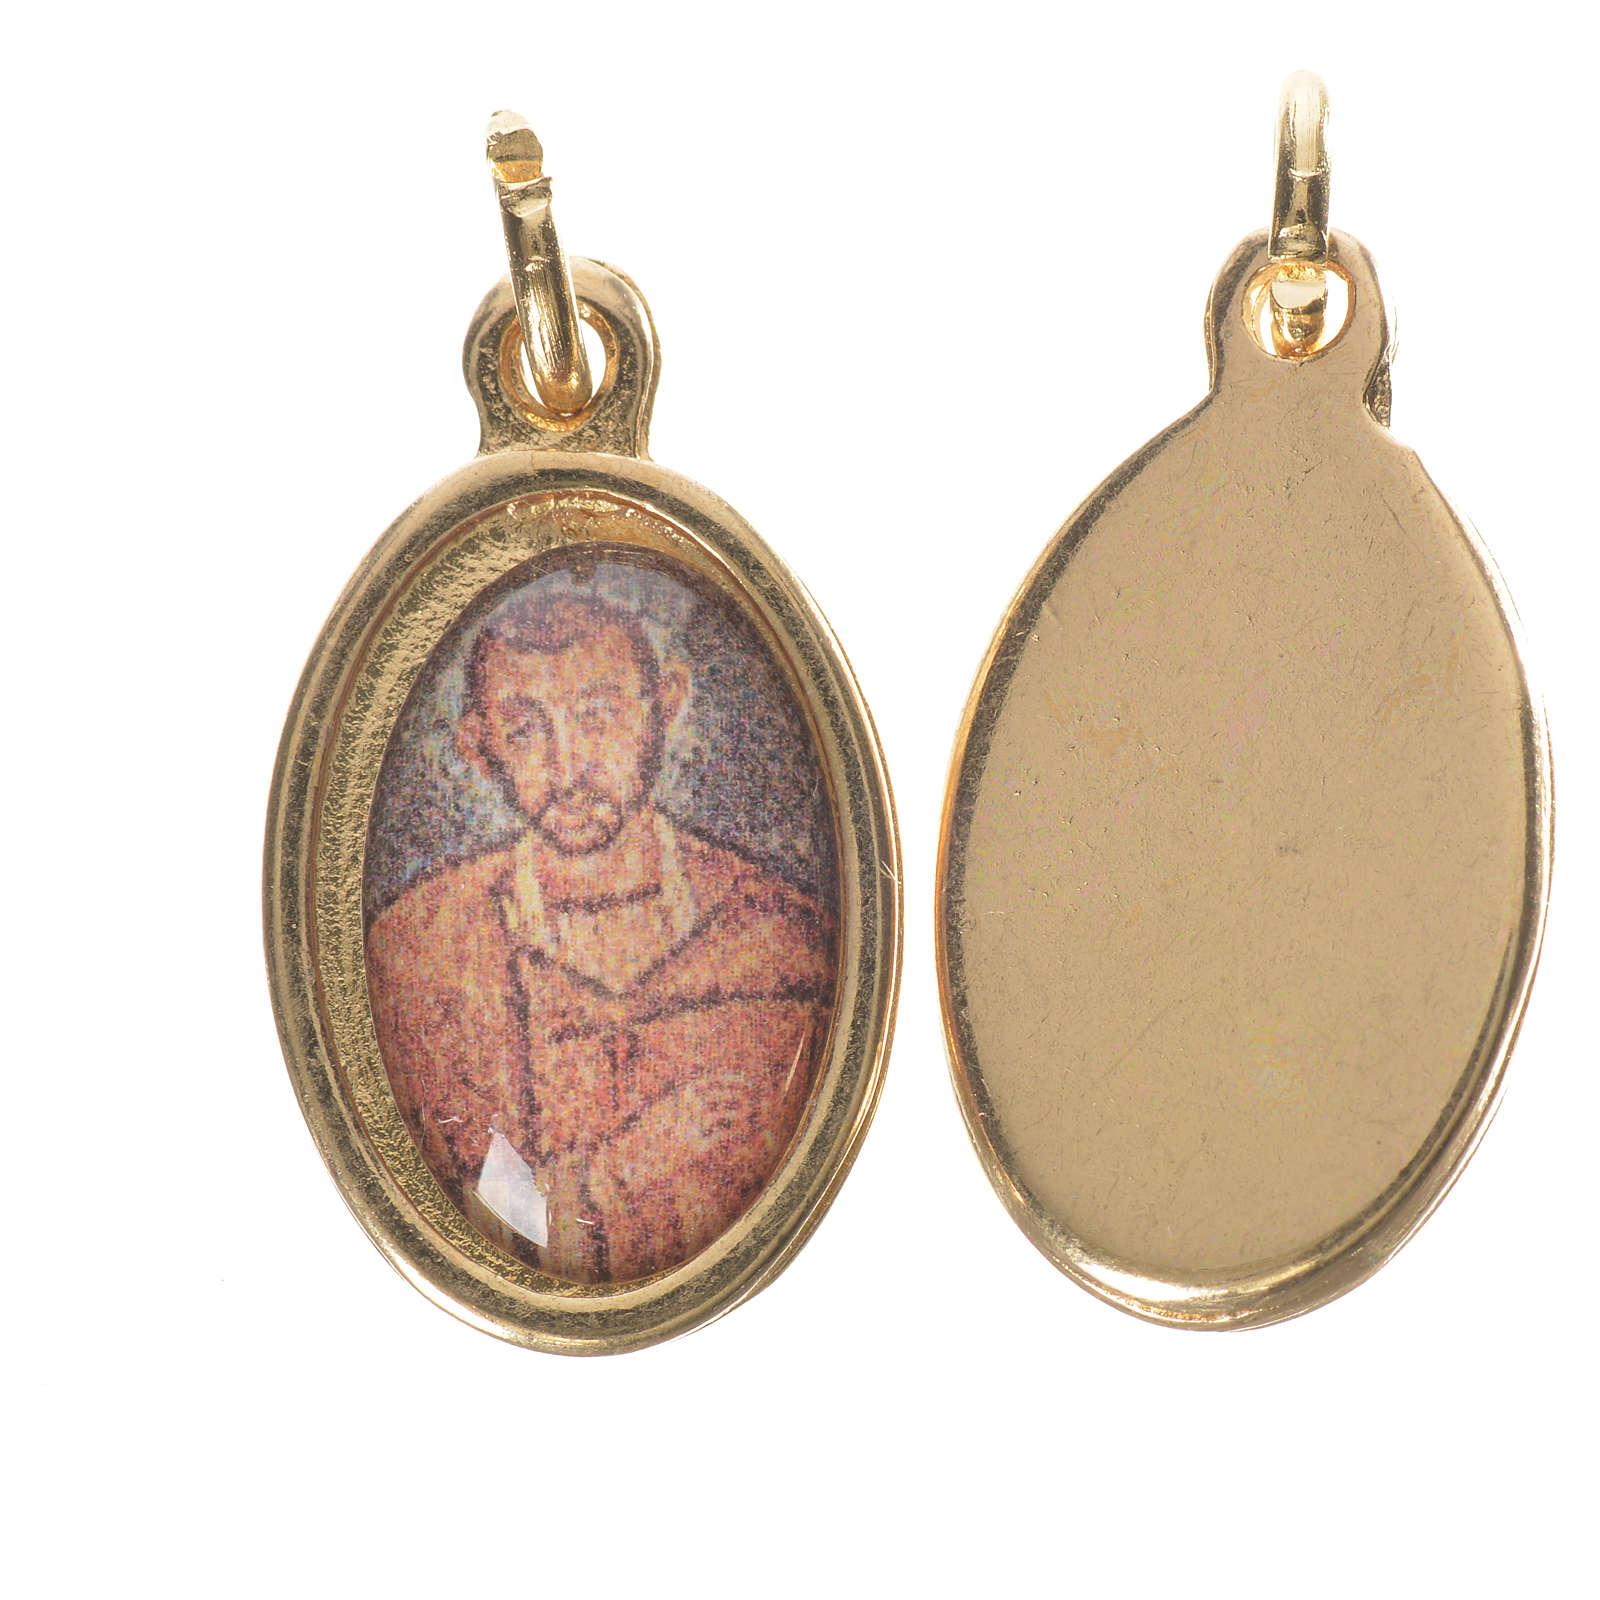 Medaglia S. Ambrogio metallo dorato altezza 1,5cm 4